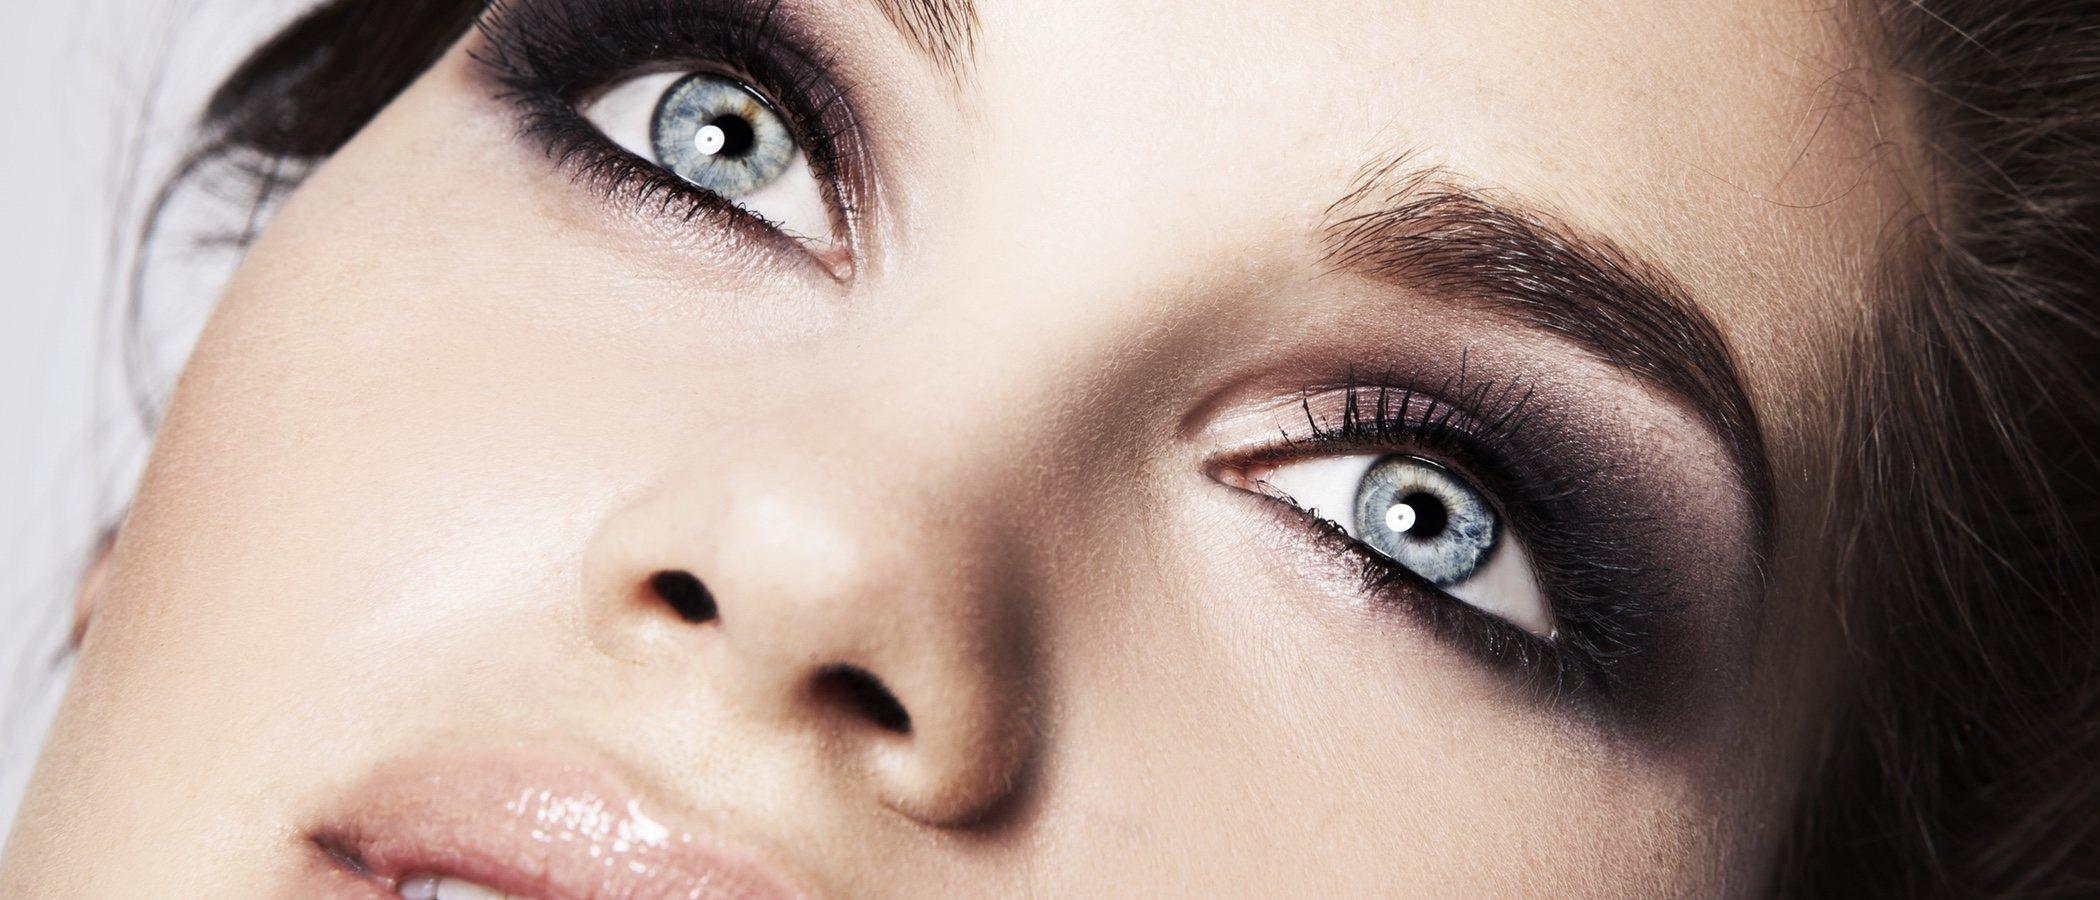 Cómo maquillarse si tienes los ojos hundidos